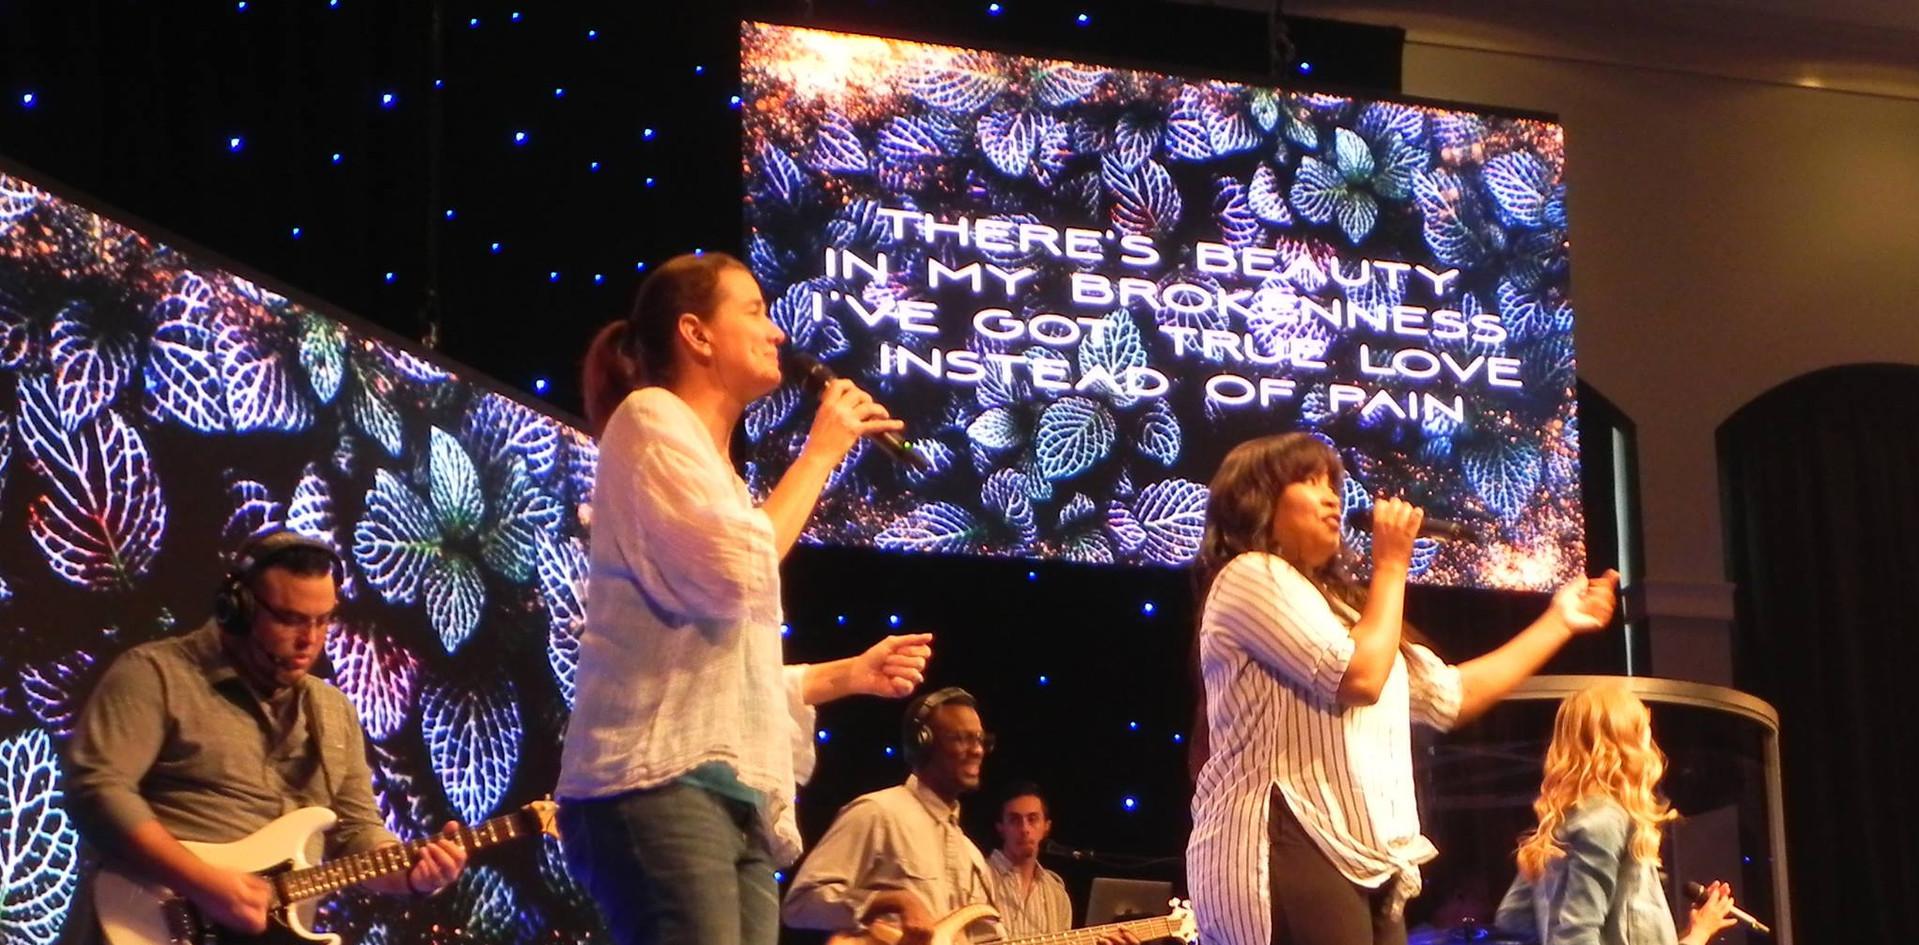 www.splendorled.com